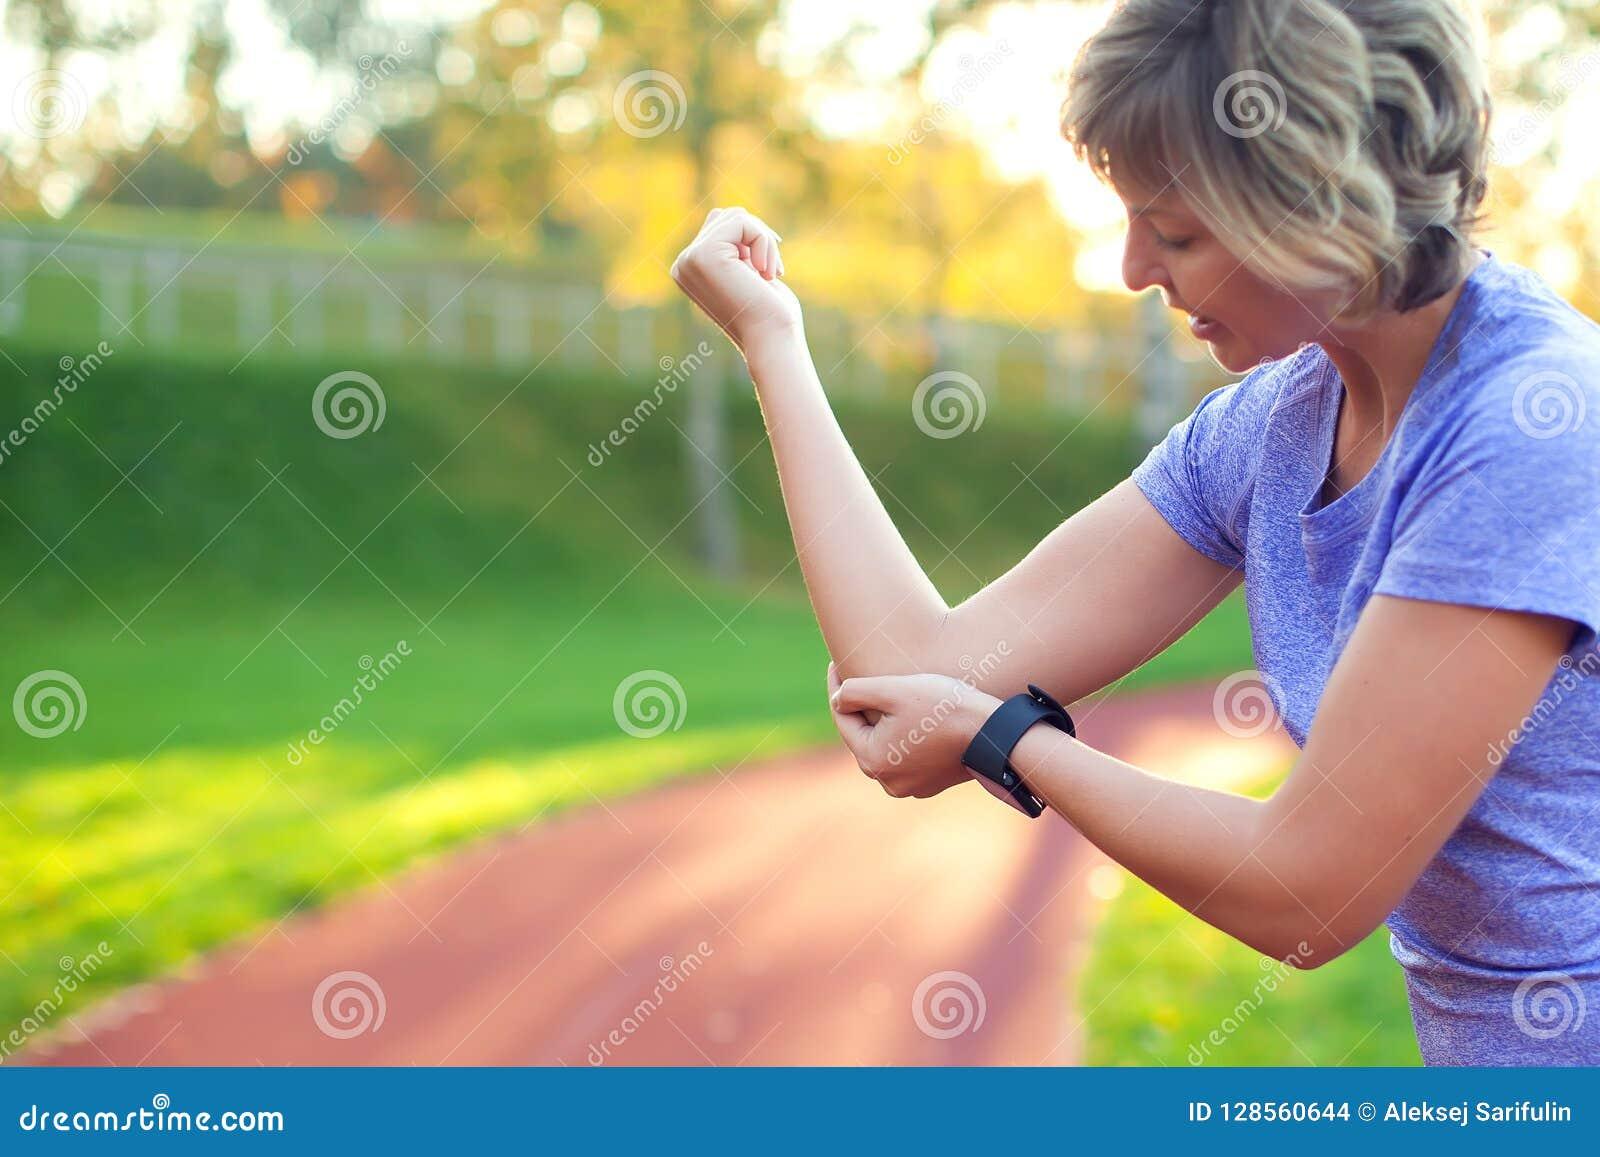 Боль чувства молодой женщины в ее локте во время разминки спорта на st